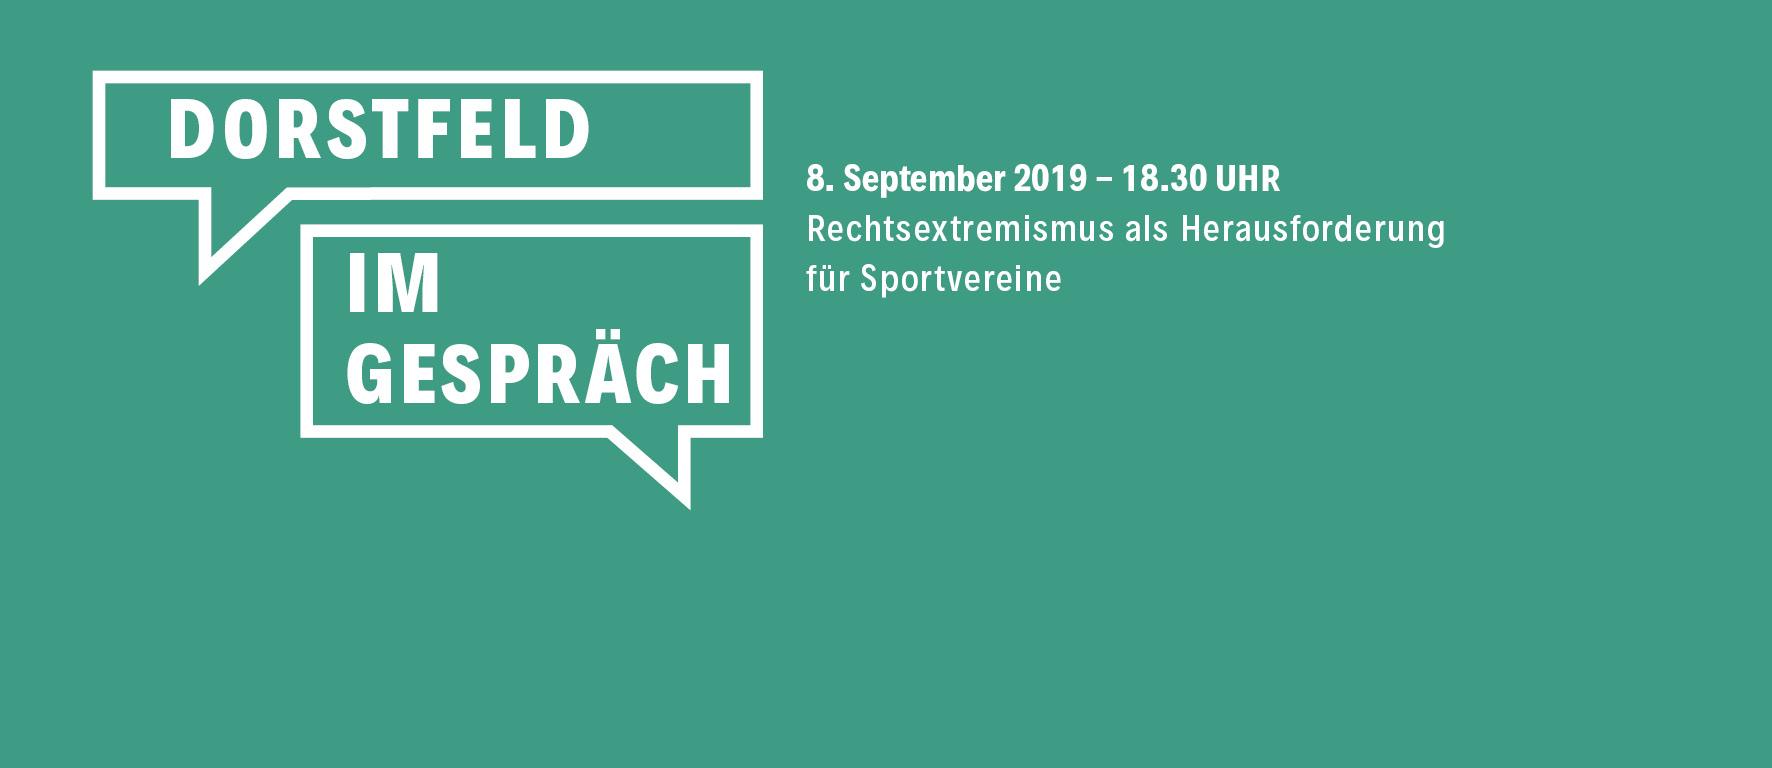 Dorstfeld im Gespräch: Rechtsextremismus als Herausforderung für Sportvereine